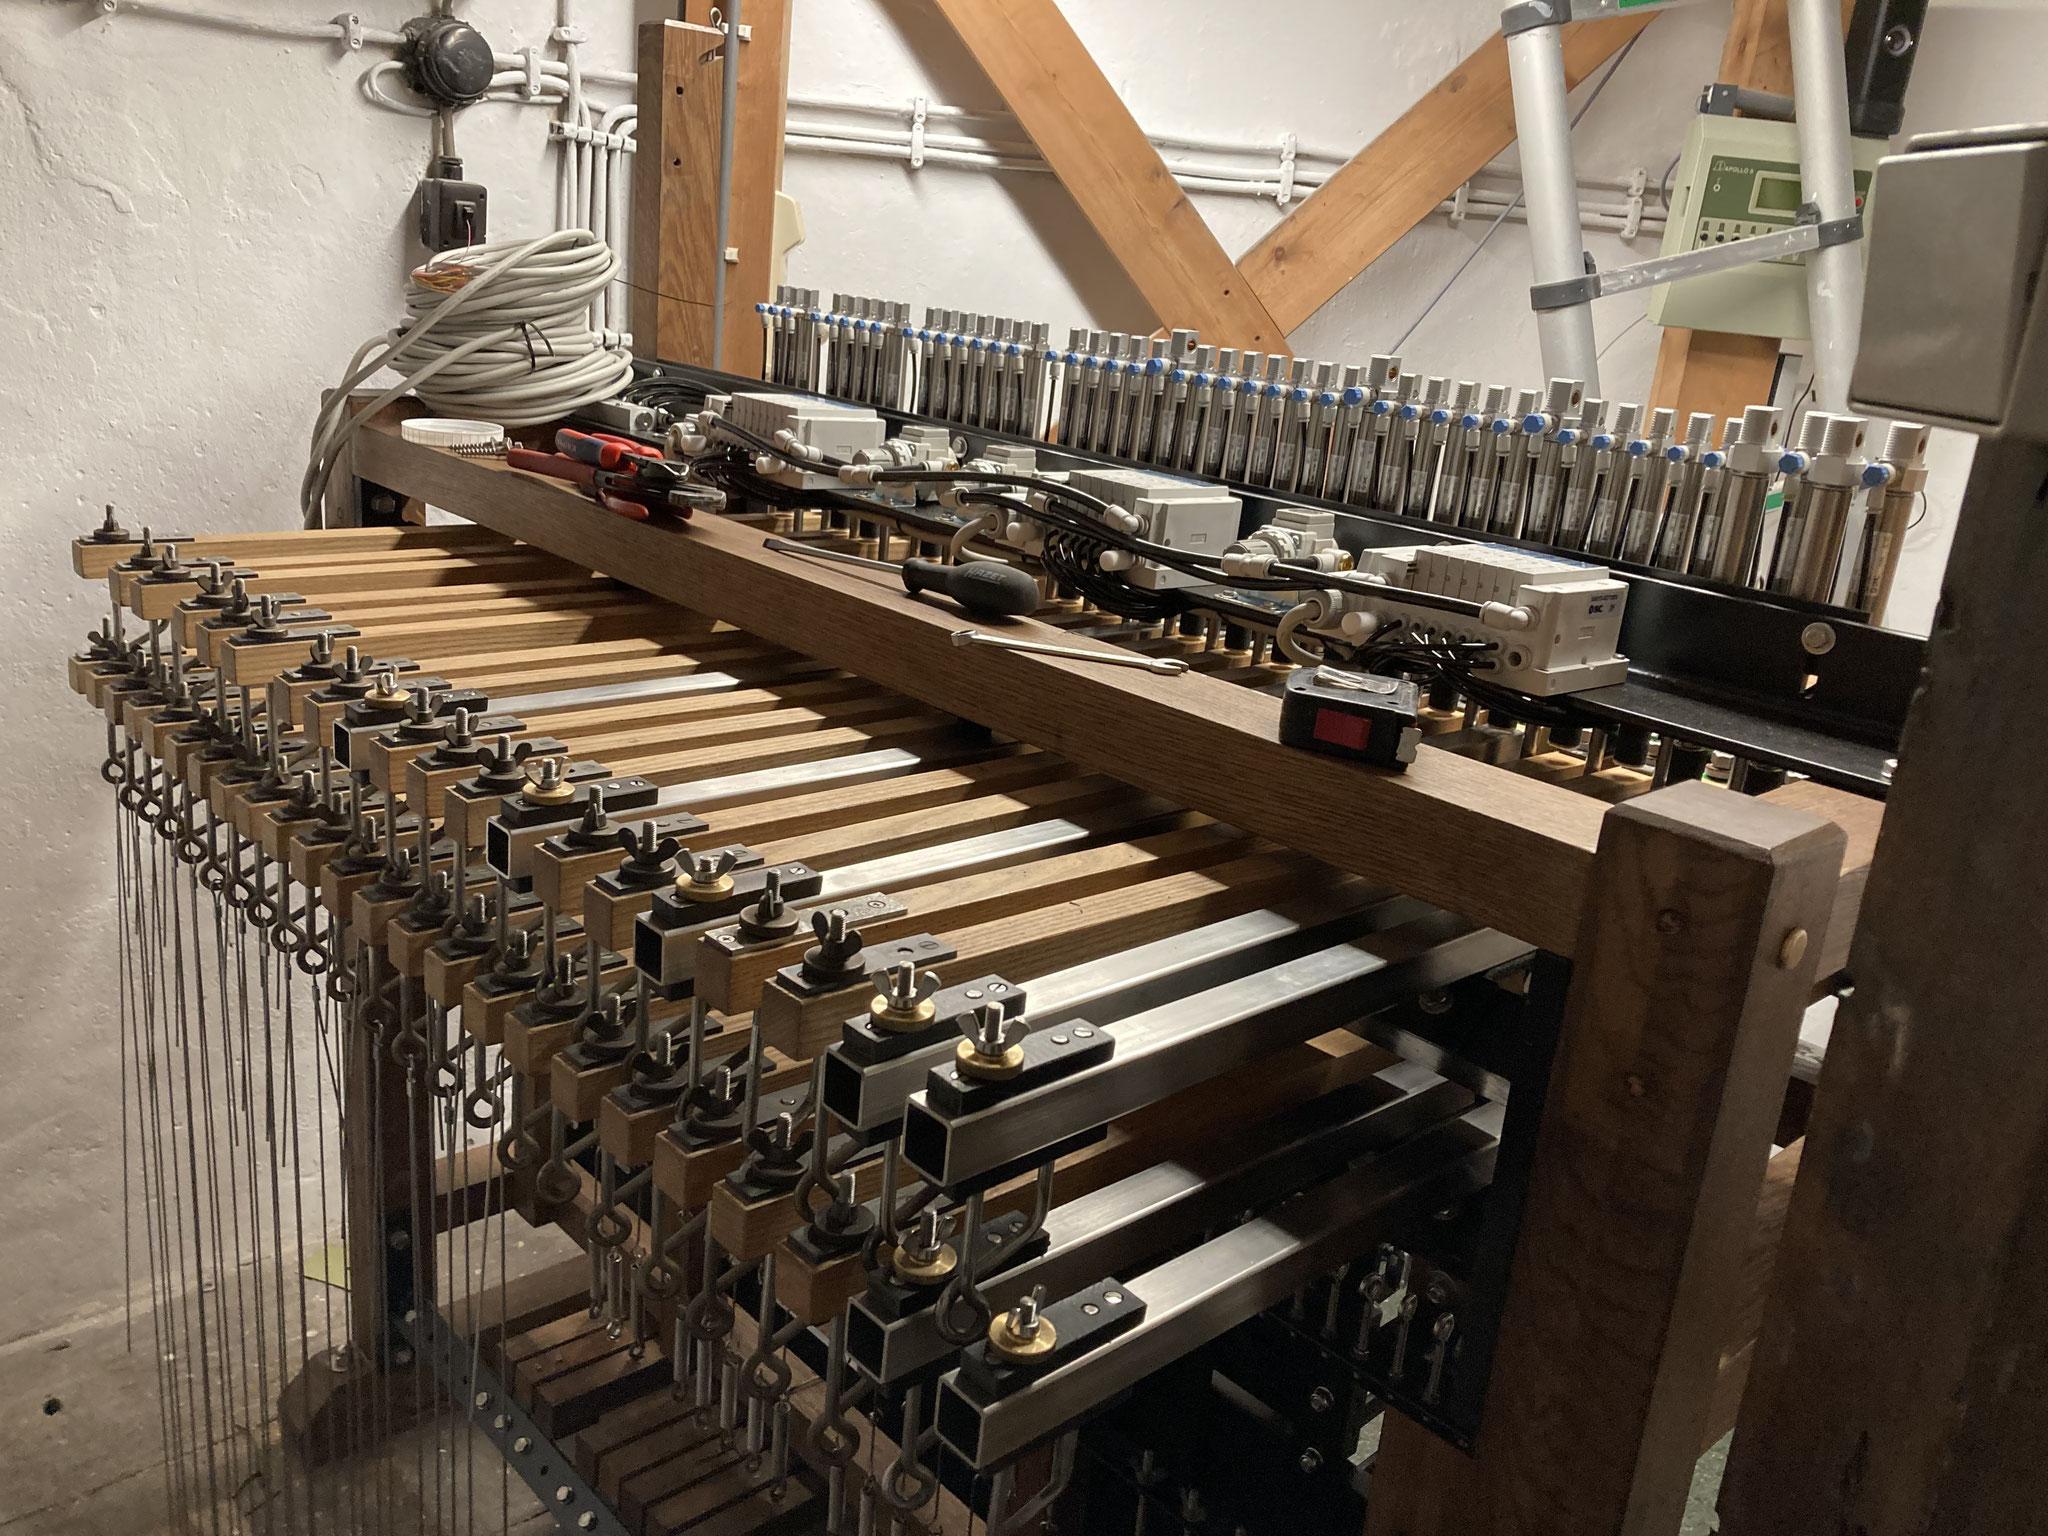 Achterkant klavier met pneumaat en metalen stokken voor de laagste klokken